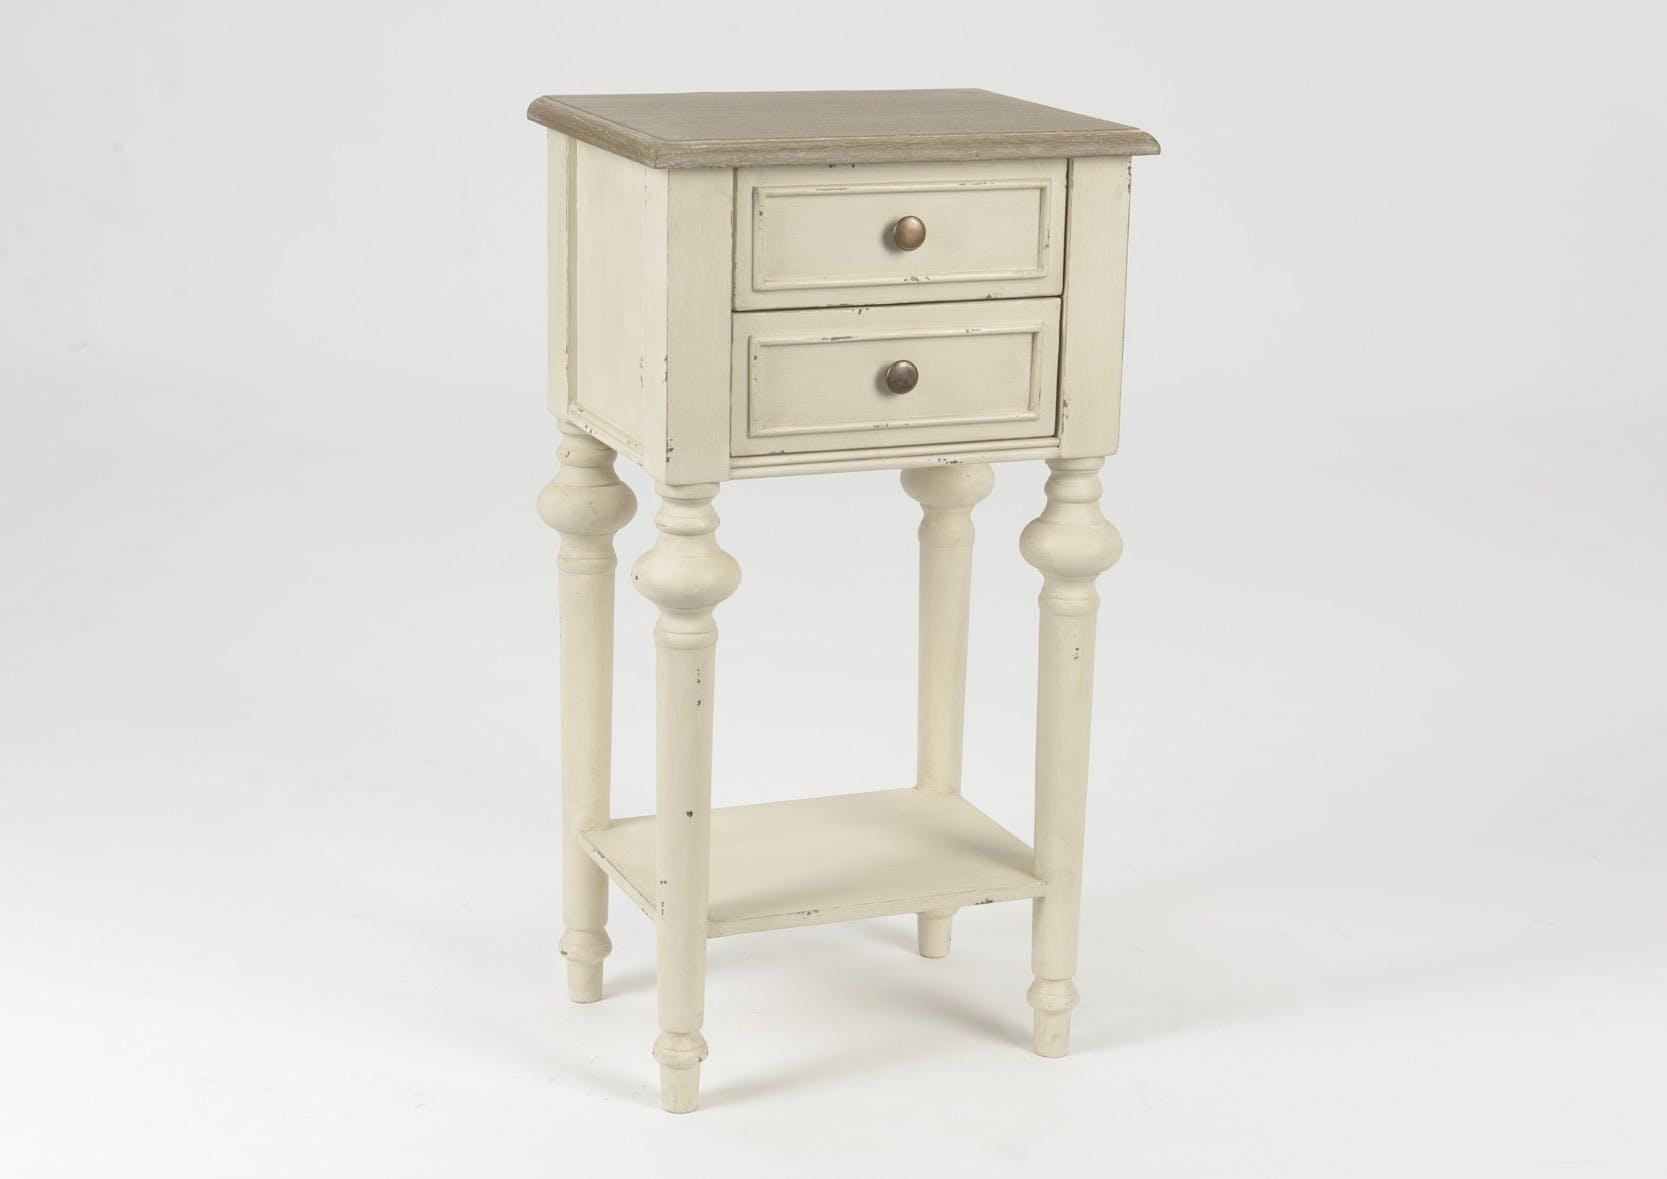 Table d'appoint en bois vieilli bicolore 2 tiroirs style Louis XVI LEGENDE L40xP30xH75 AMADEUS